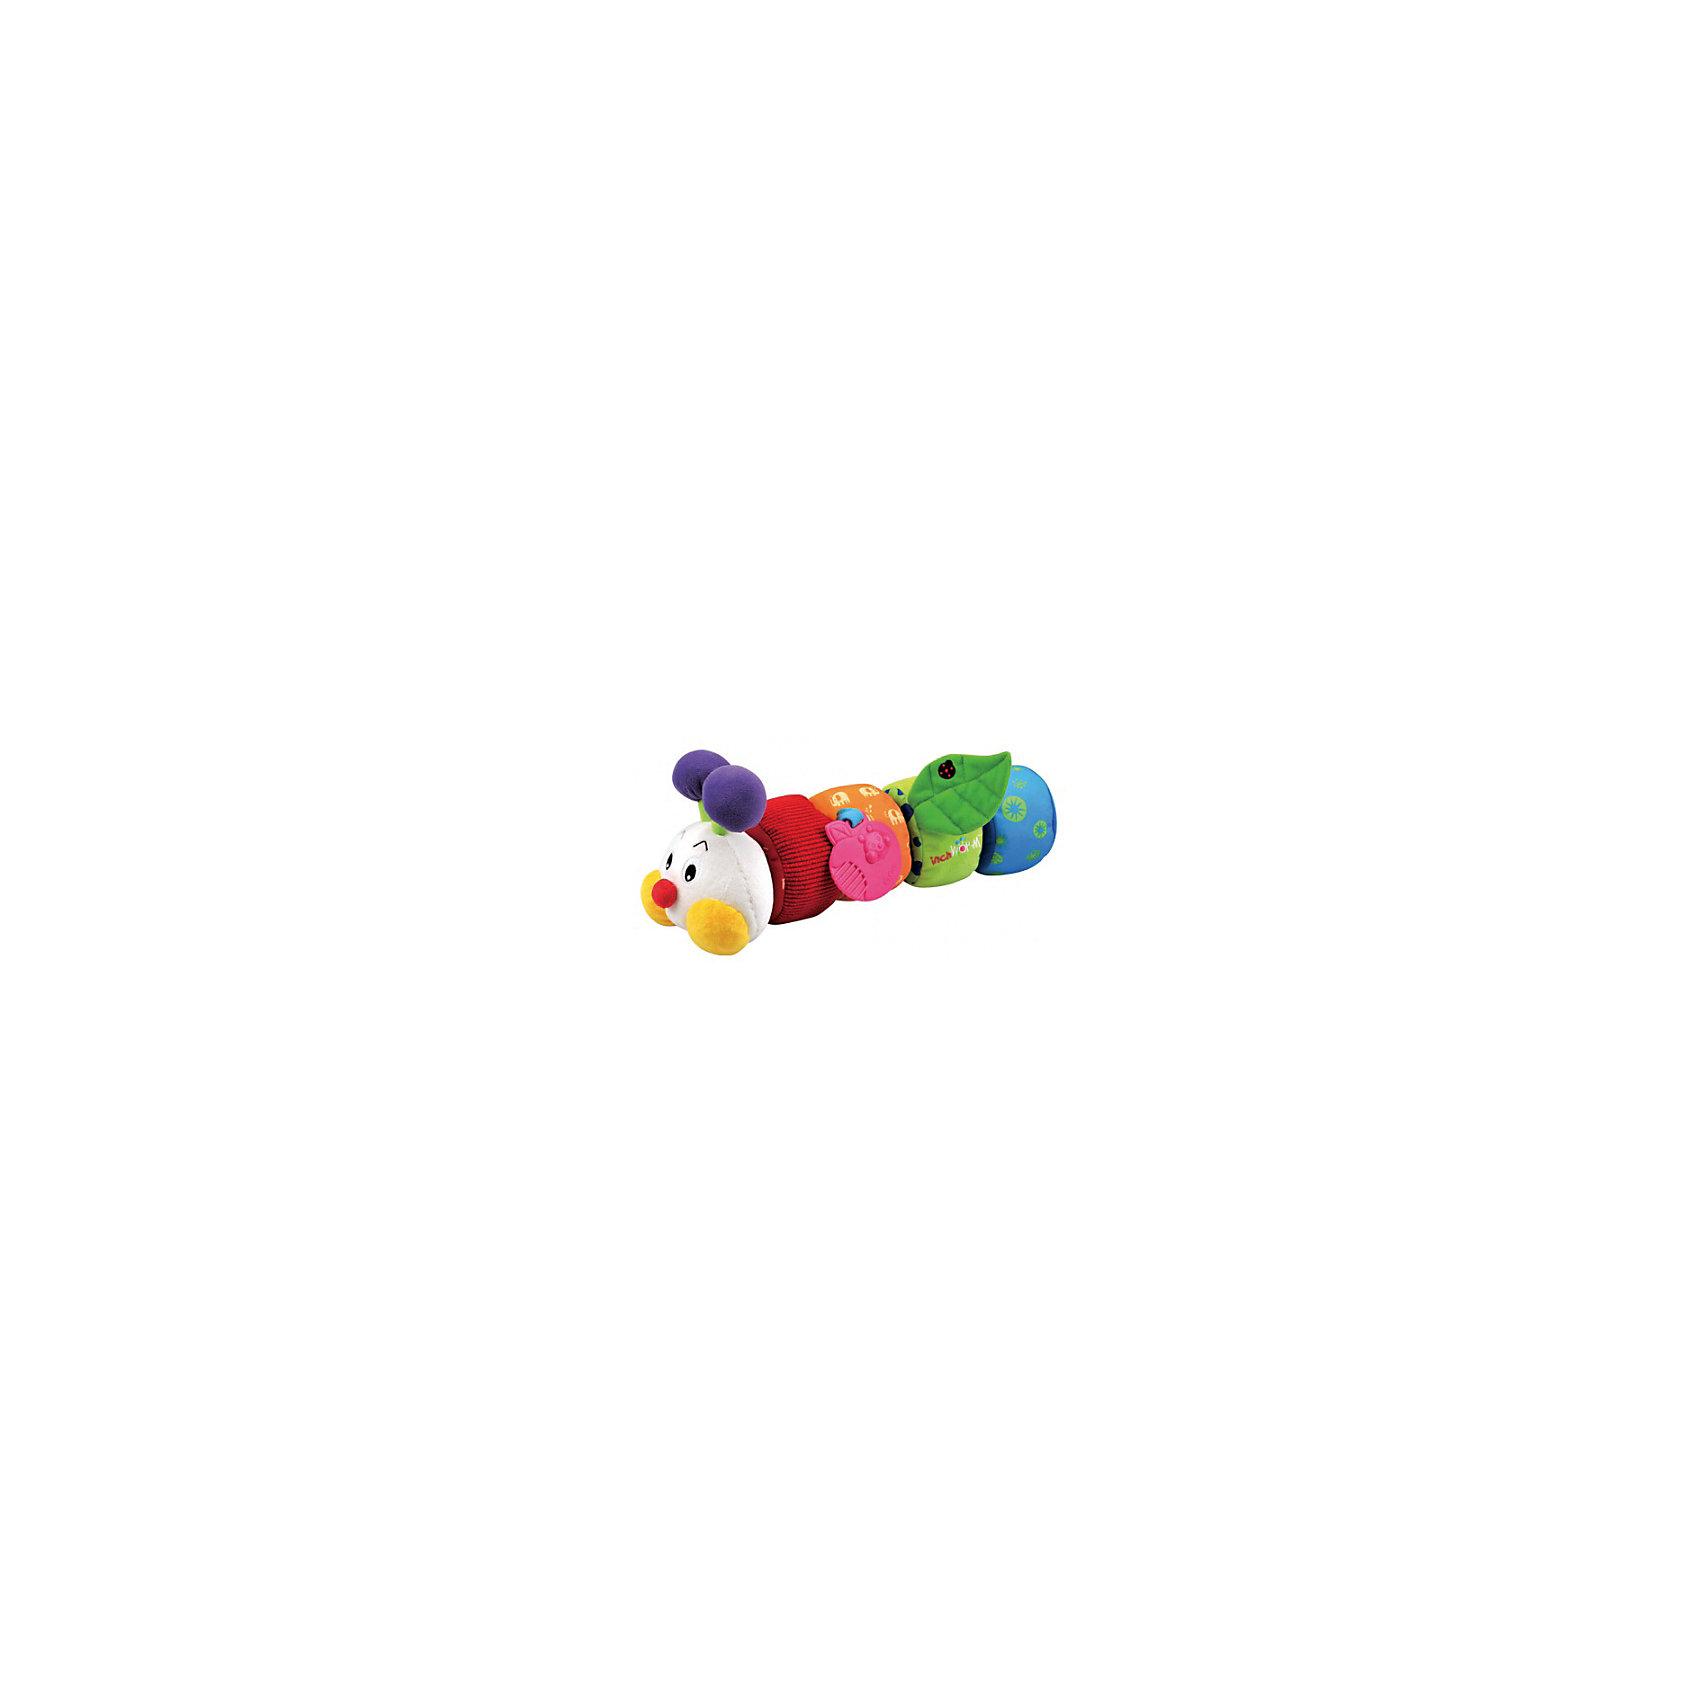 Игрушка-сортер Гусеничка, Ks KidsИгрушка-сортер Гусеничка, Ks Kids (Кс Кидс)  ? развивающая многофункциональная игрушка, предназначенная самого раннего возраста. Игрушка-сортер выполнена из высококачественных гипоаллергенных материалов, приятных на ощупь. Гусеничка состоит из 5 деталей: милая мордочка с яркими элементами и 4 мягких блока-кубика. Каждый блок наделен своими особенностями: на одном имеется прорезыватель, на втором ? безопасное зеркальце, на третьем ? шуршащий листочек, а в четвертом ?тзвенящий элемент внутри кубика. Между собой кубики соединяются благодаря отверстиям и выпуклым элементам в форме геометрических фигур. Поэтому, собрать в произвольном порядке тело гусенички не получится, что имеет достаточно важный обучающий смысл.<br>Игрушка-сортер Гусеничка, Ks Kids (Кс Кидс)  ? игрушка, с которой ваш ребенок легко освоит простейшие конструкторские навыки. Функциональные элементы сортера будут способствовать развитию интеллектуальных способностей, пространственного и логического мышления. Для самых маленьких гусеничка будет эффективна с целью развития зрительных, тактильных и слуховых способностей.<br><br>Дополнительная информация:<br><br>- Вид игр: развивающие<br>- Предназначение: для дома, для детского сада, для детских развивающих центров<br>- Материал: текстиль<br>- Размер: 10,5*9*35 см<br>- Вес: 400 г<br>- Особенности ухода: допускается ручная стирка<br><br>Подробнее:<br><br>• Для детей в возрасте: от 0 года до 1 года<br>• Страна производитель: Китай<br>• Торговый бренд: Ks Kids (Кс Кидс)<br><br>Игрушку-сортер Гусеничку, Ks Kids (Кс Кидс) можно купить в нашем интернет-магазине.<br><br>Ширина мм: 105<br>Глубина мм: 90<br>Высота мм: 350<br>Вес г: 400<br>Возраст от месяцев: 12<br>Возраст до месяцев: 36<br>Пол: Унисекс<br>Возраст: Детский<br>SKU: 4799445